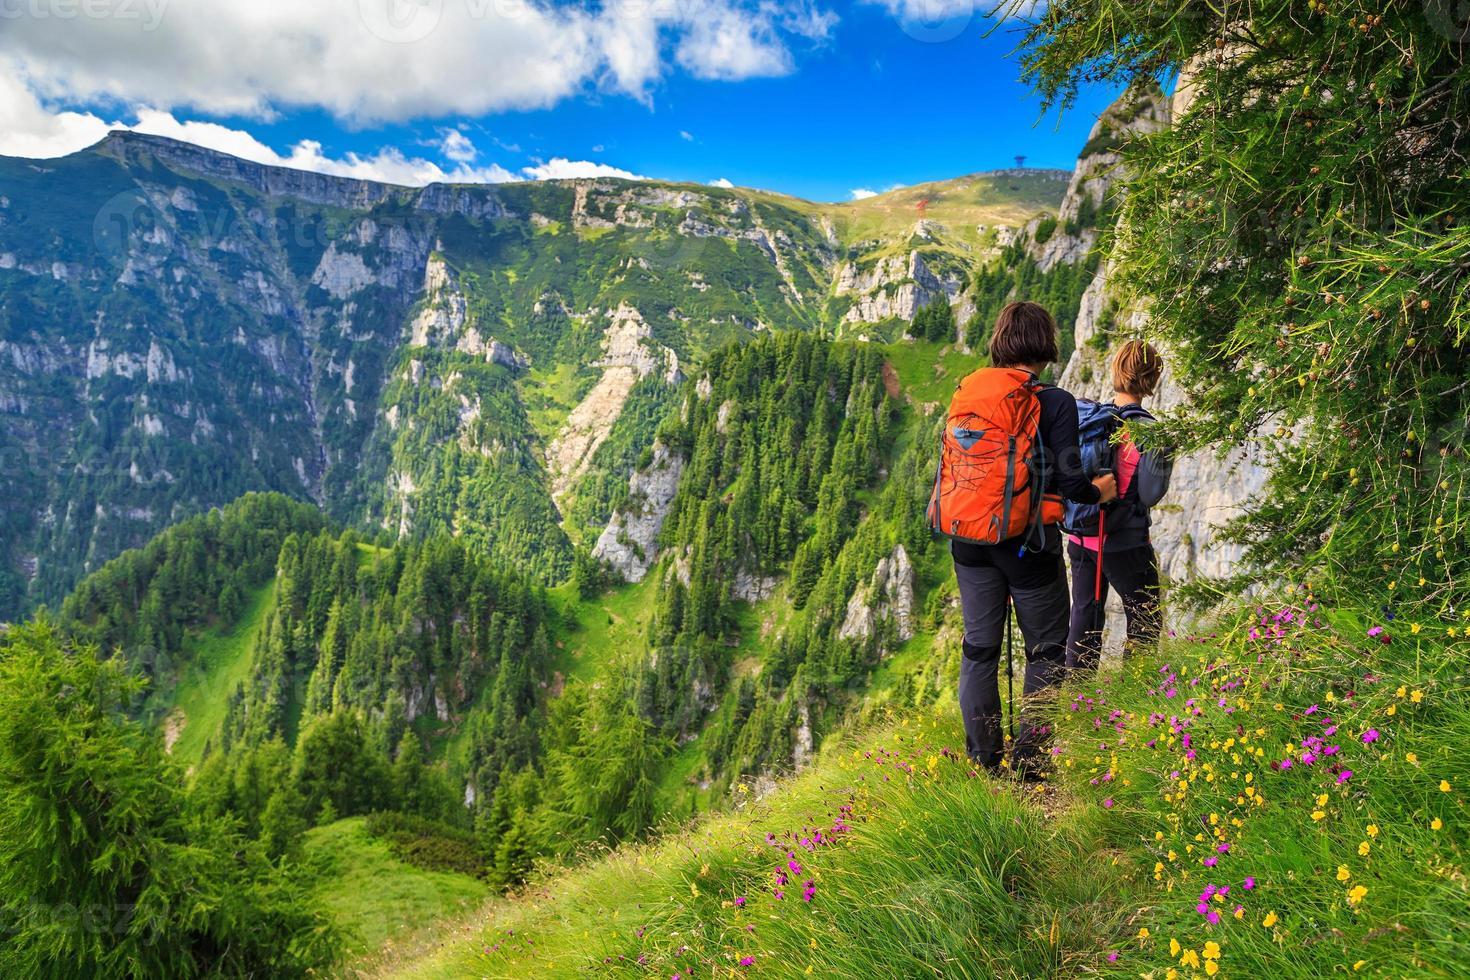 wandelaars van de jonge vrouw wandelen in de bergen, bucegi, karpaten, transsylvanië, roemenië foto